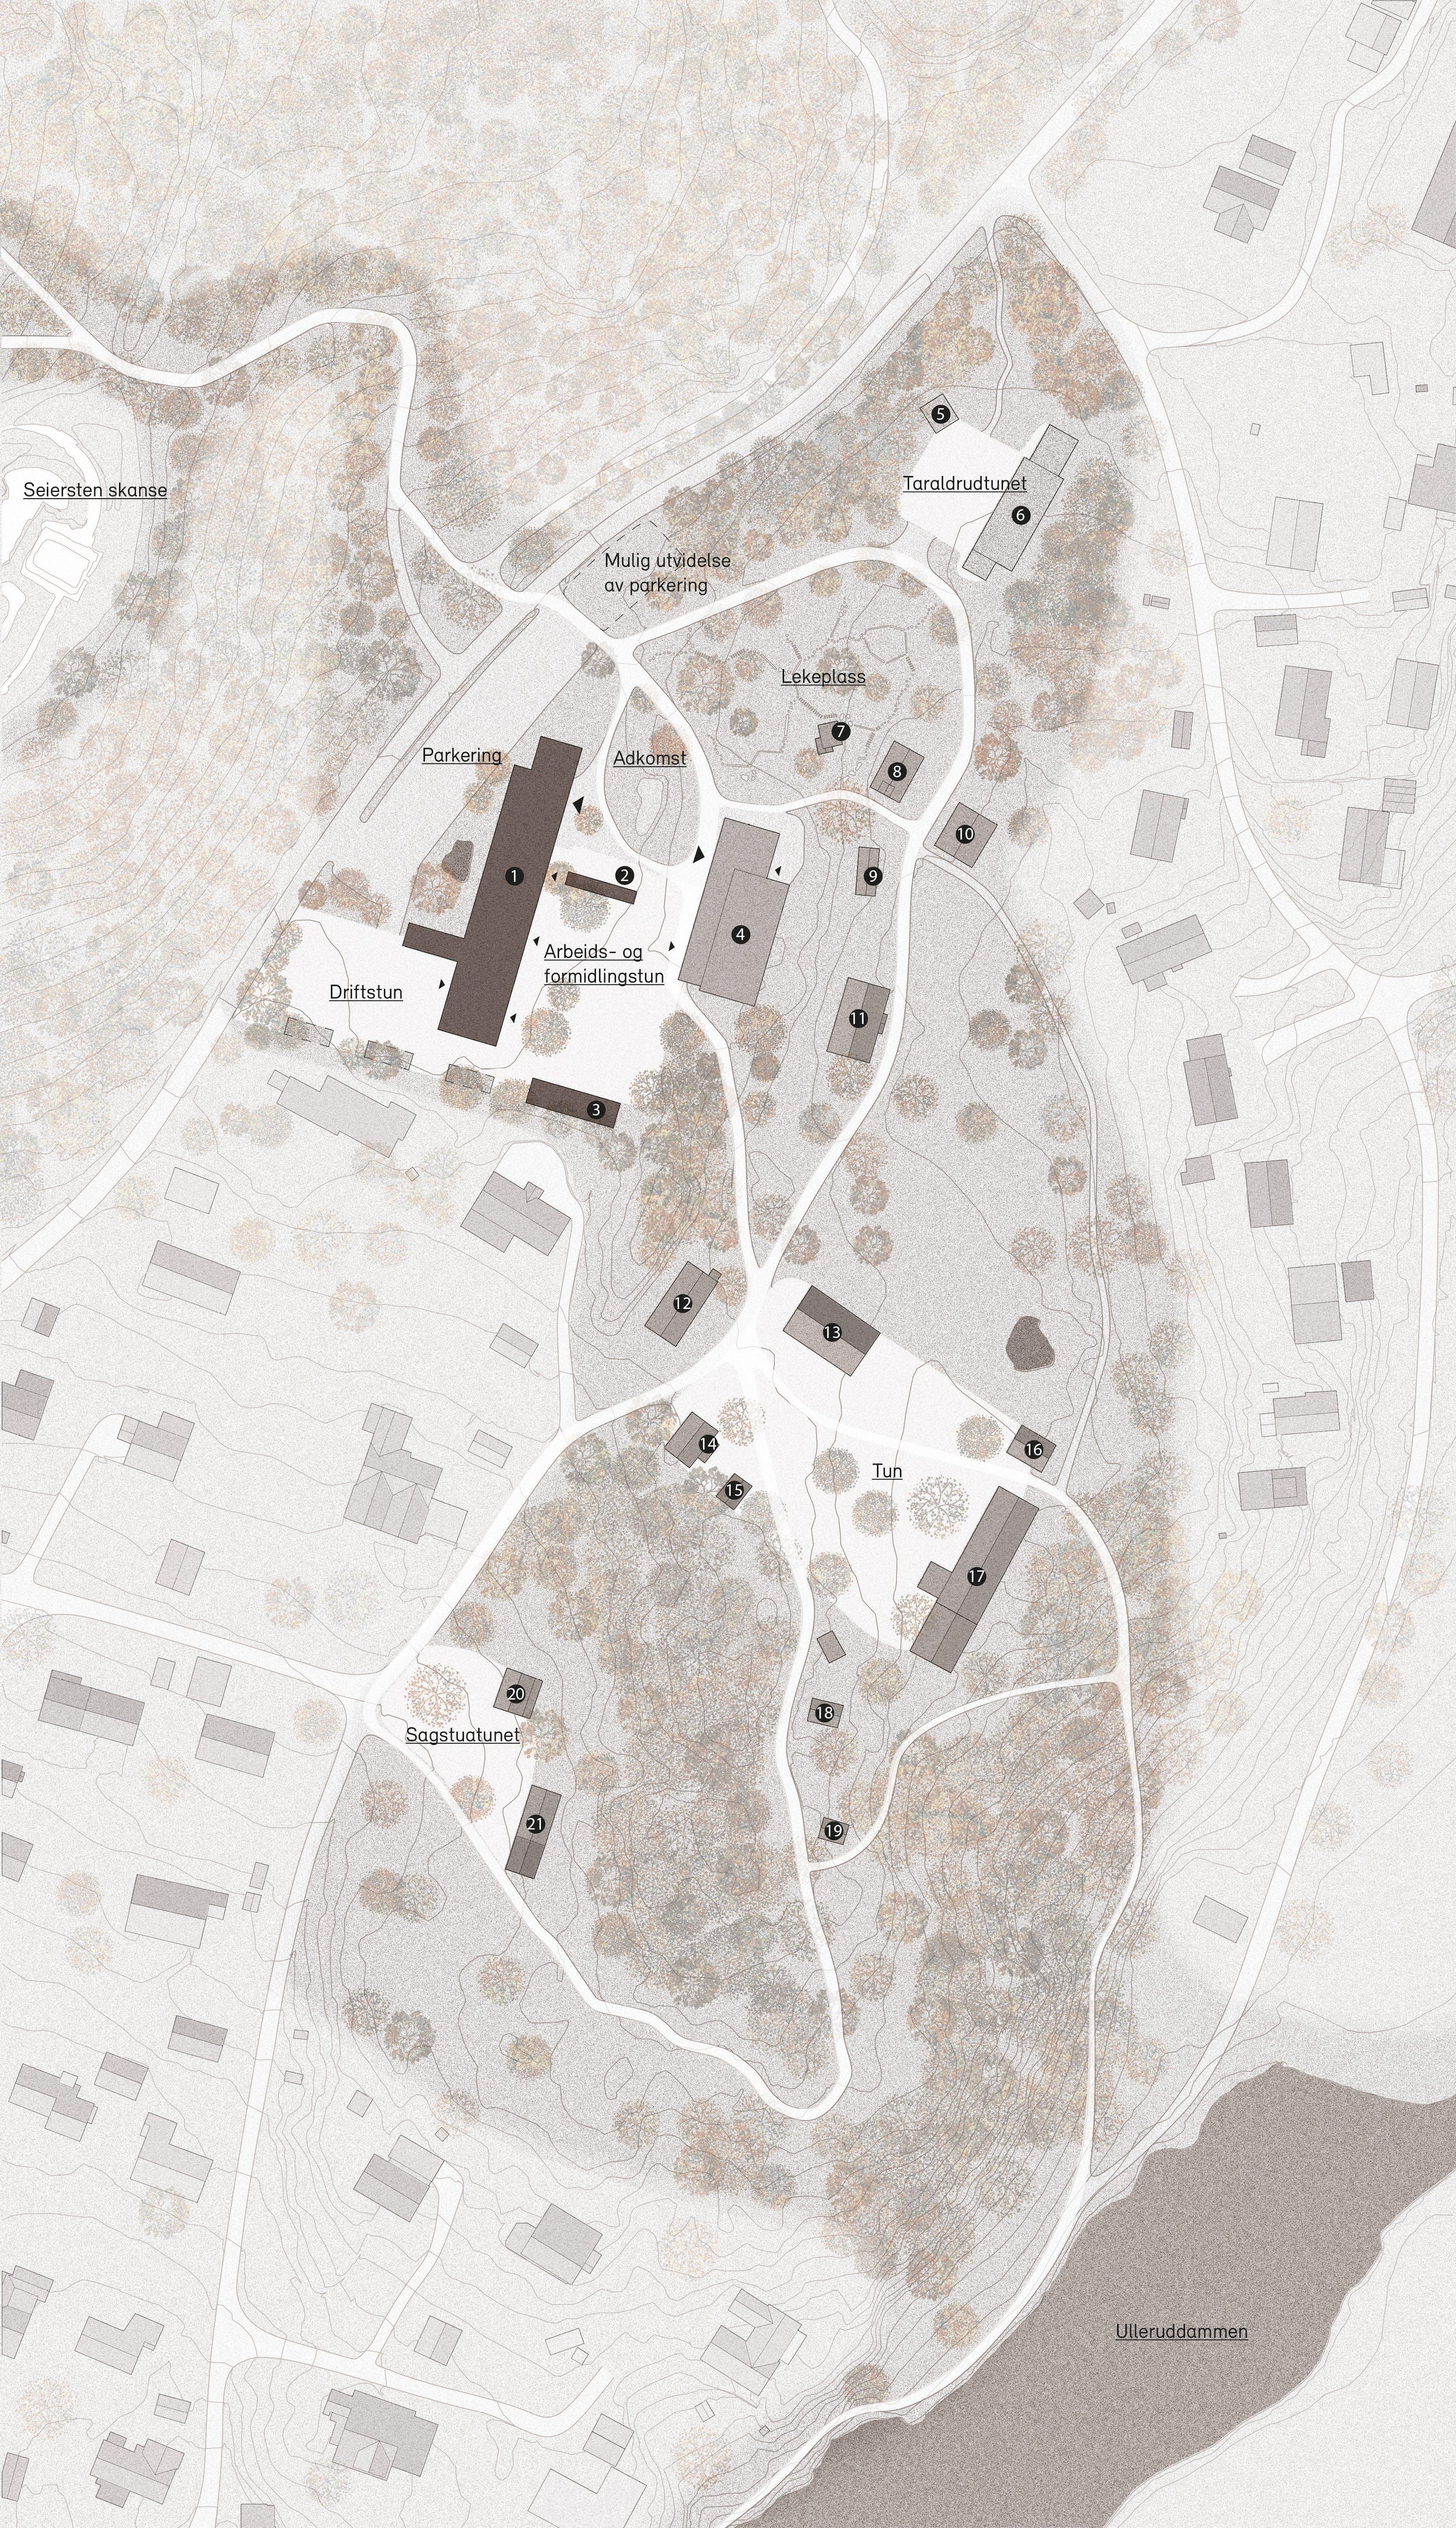 201112 Situasjonsplan 1 1000 2